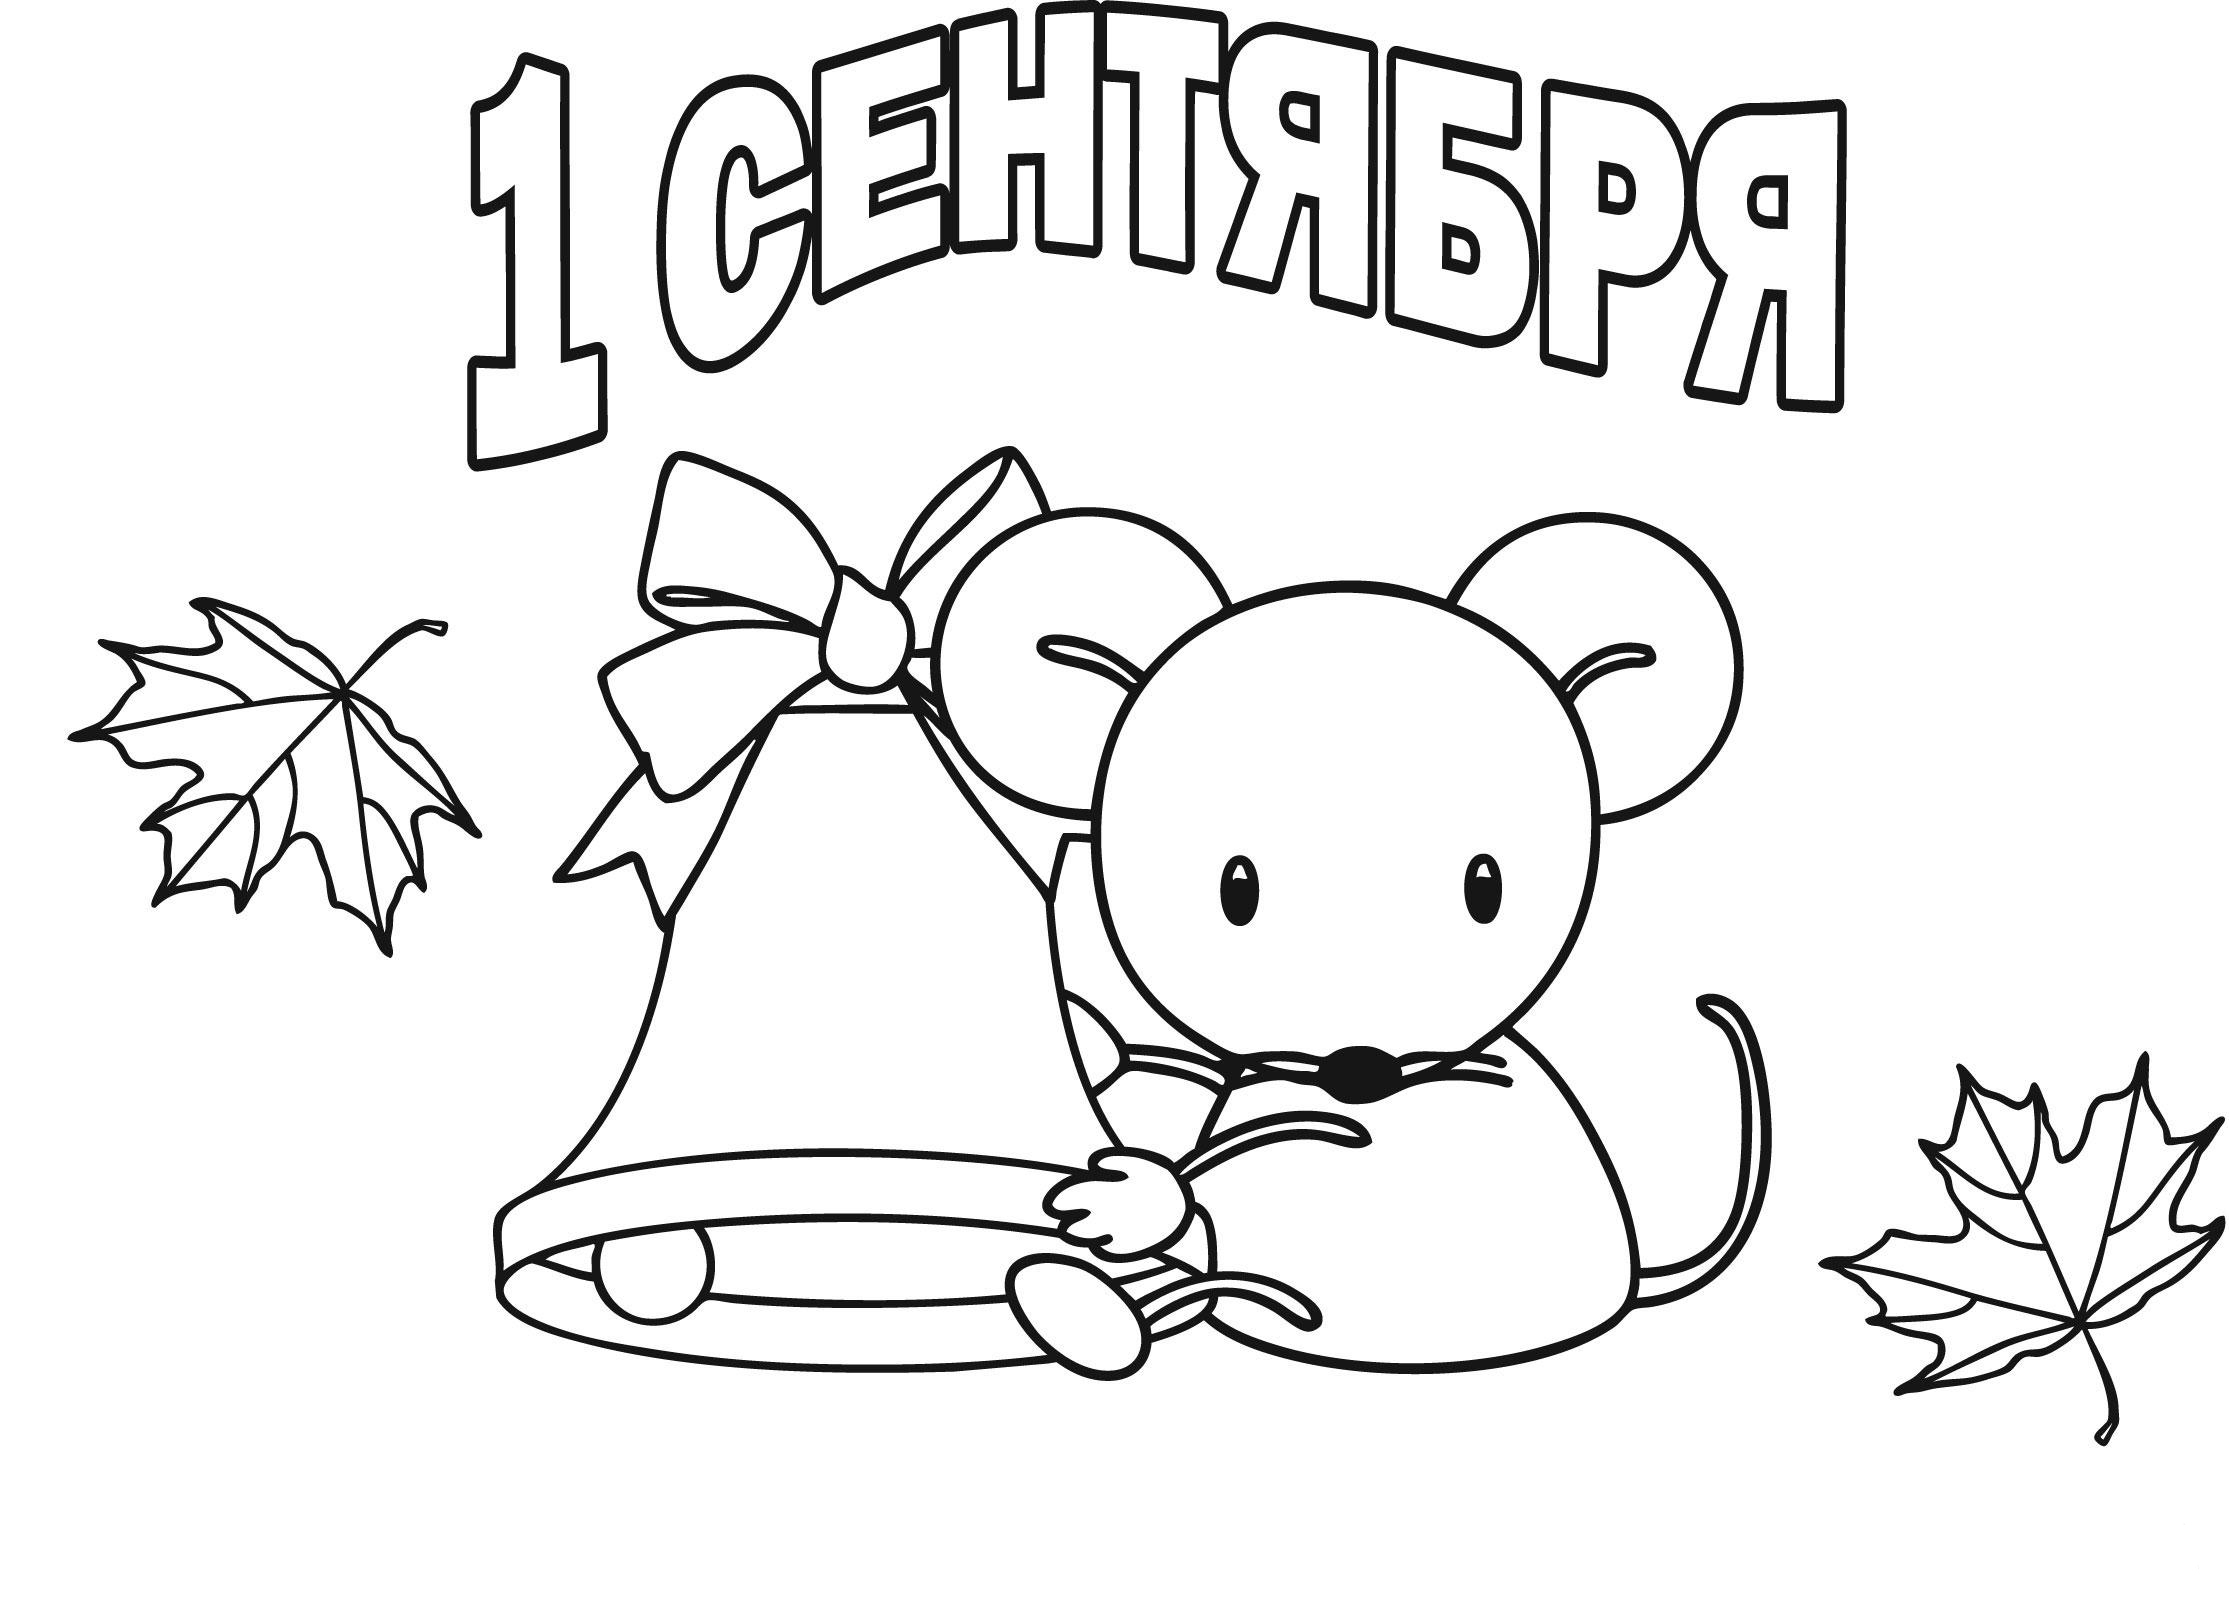 Нарисовать открытку с 1 сентября карандашом, схемы